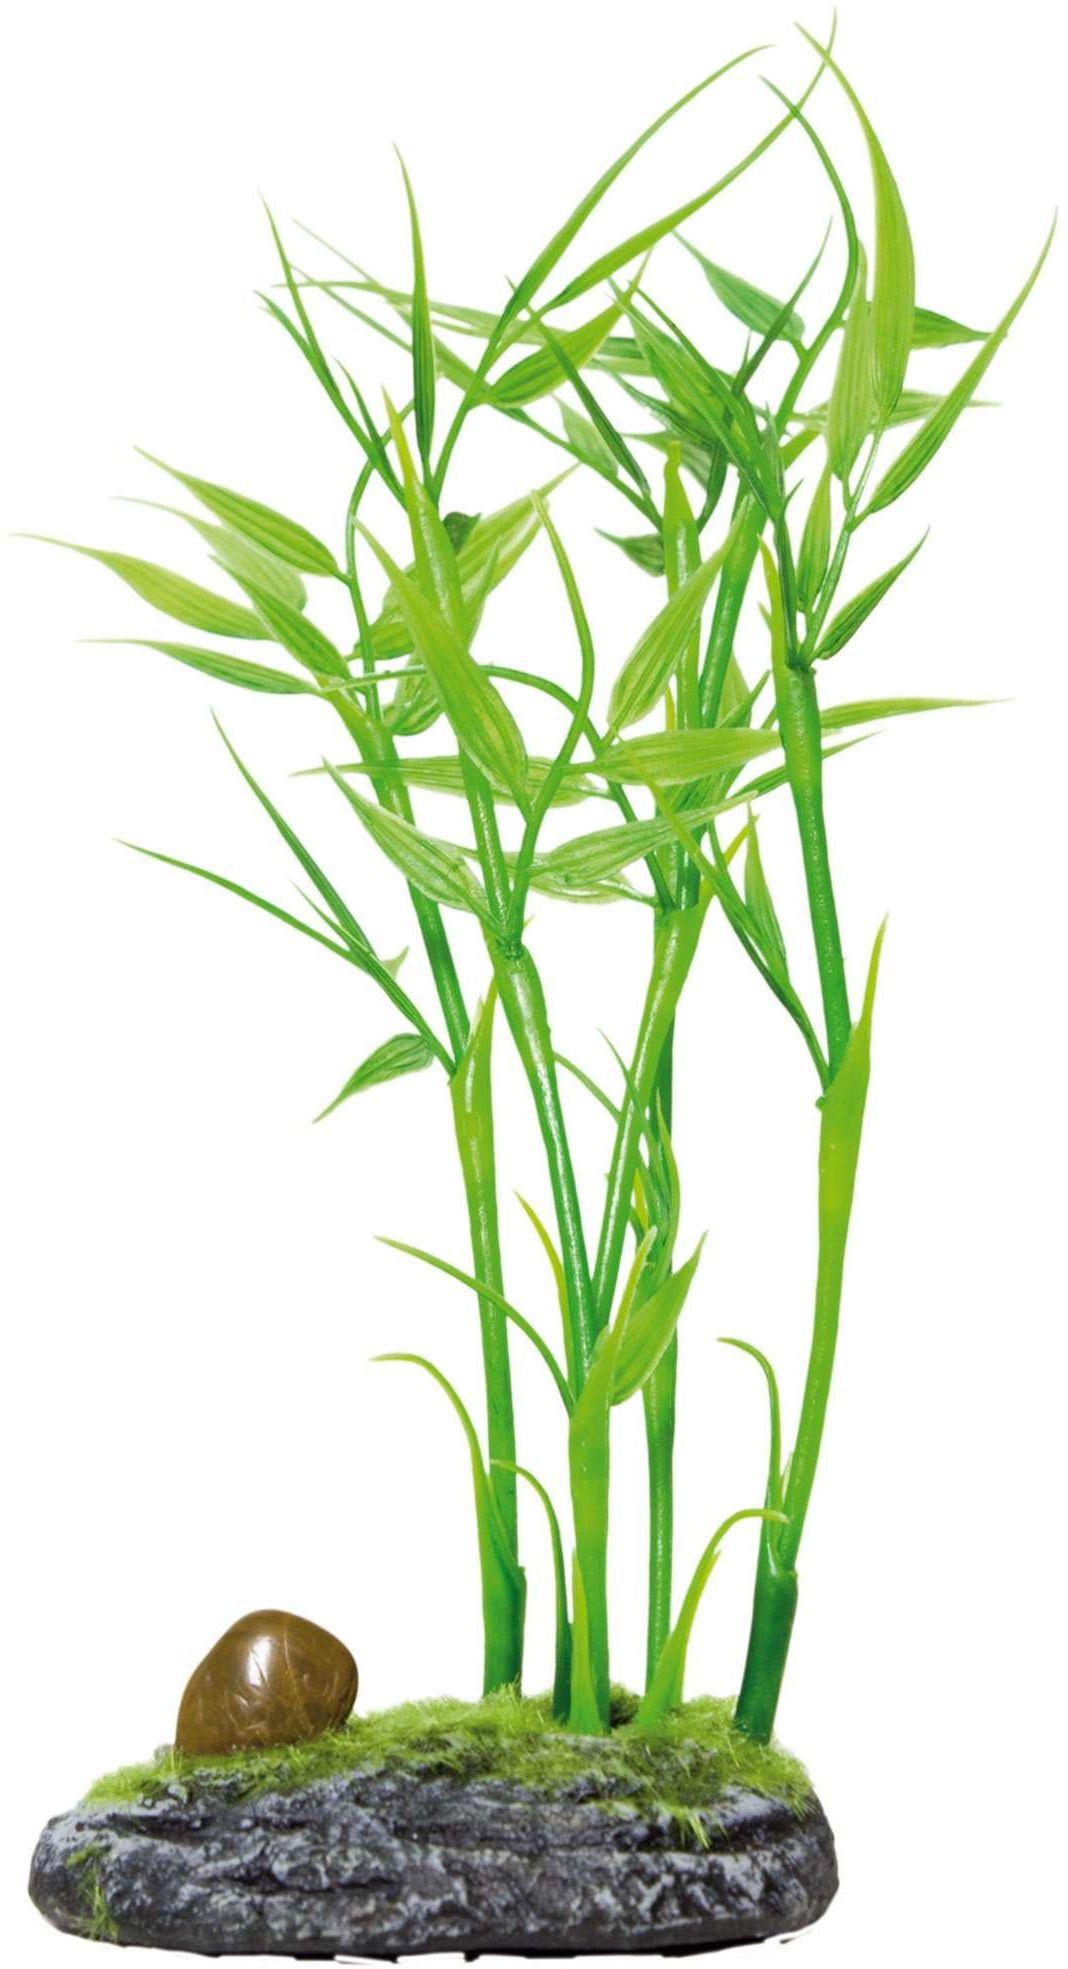 ICA AP1121 Bambus Aquatic rośliny tworzywo sztuczne